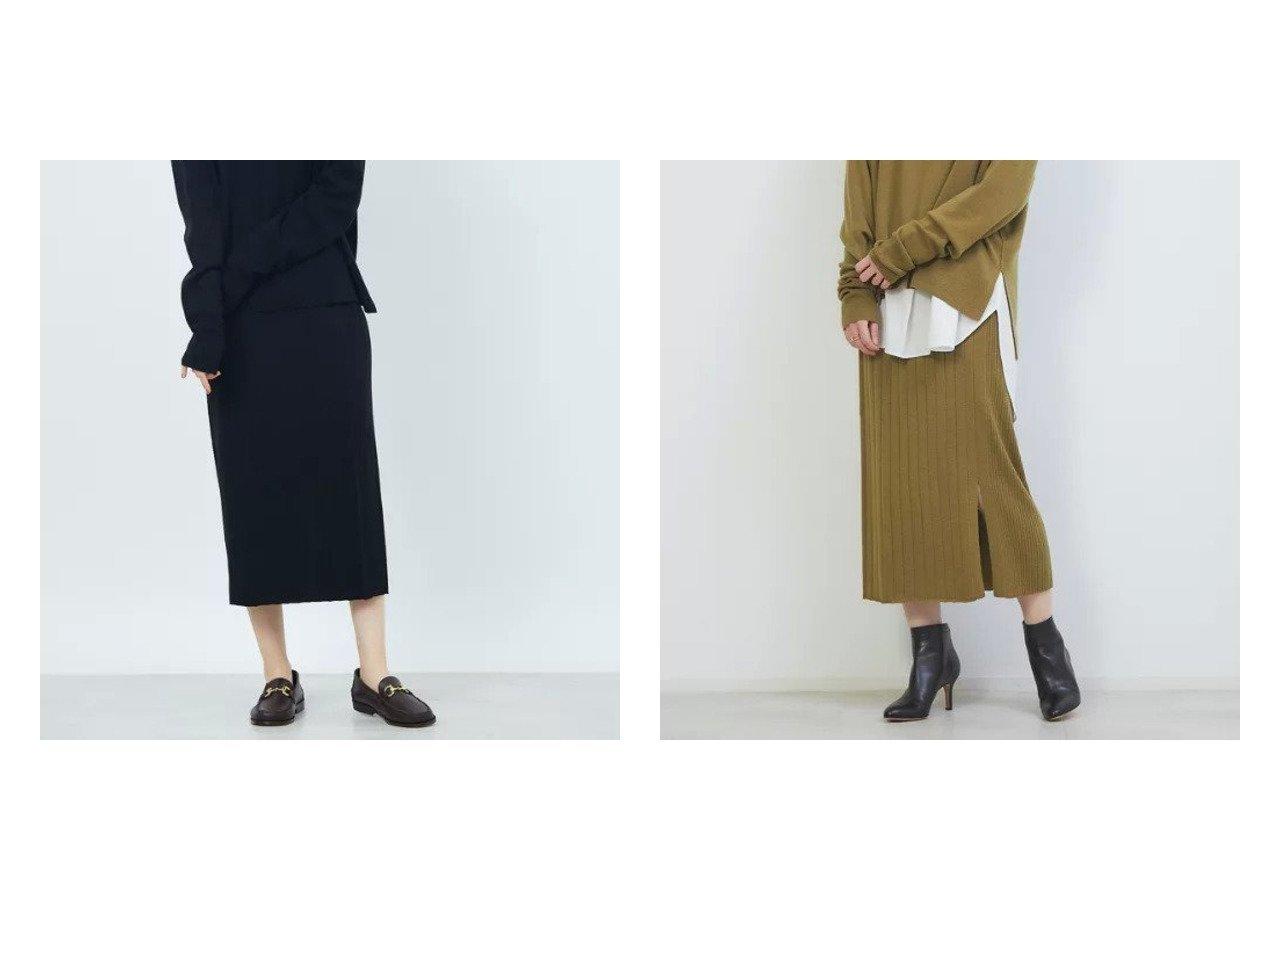 【Rouge vif/ルージュ ヴィフ】のアシンメトリータイトニットスカート スカートのおすすめ!人気、トレンド・レディースファッションの通販 おすすめで人気の流行・トレンド、ファッションの通販商品 メンズファッション・キッズファッション・インテリア・家具・レディースファッション・服の通販 founy(ファニー) https://founy.com/ ファッション Fashion レディースファッション WOMEN スカート Skirt スリット セットアップ A/W 秋冬 AW Autumn/Winter / FW Fall-Winter |ID:crp329100000011745